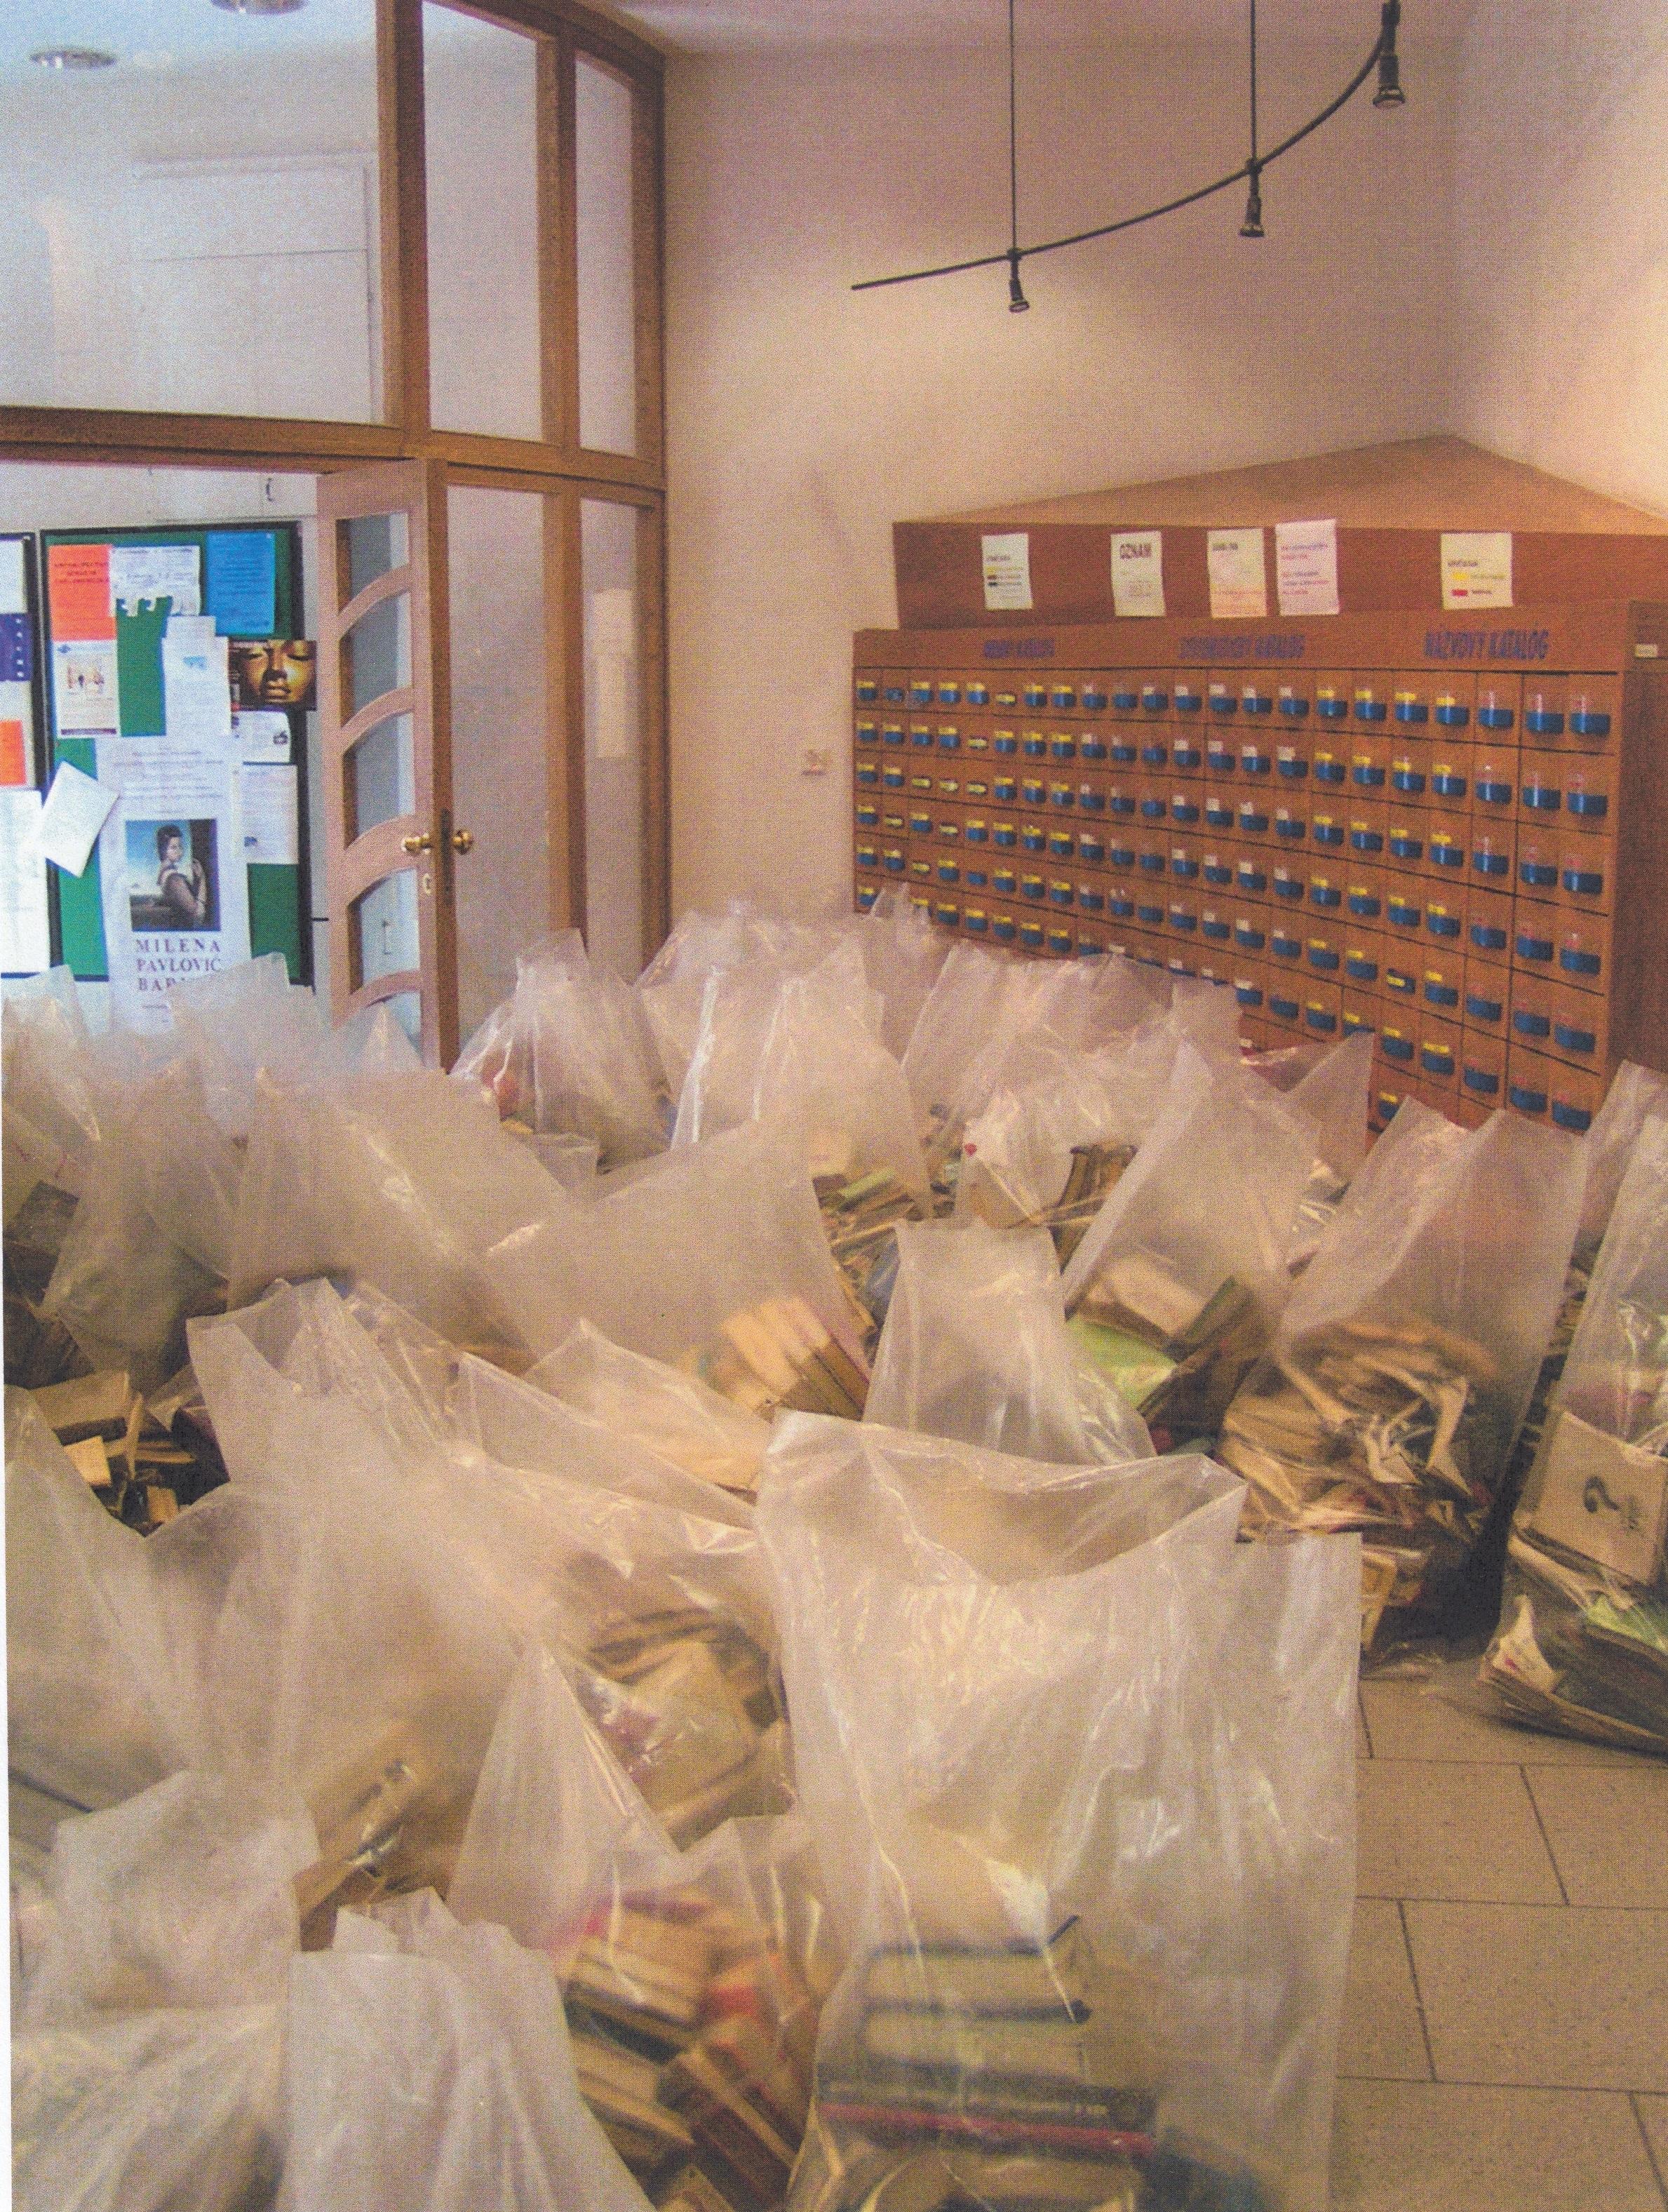 Na fotke je množstvo odpadových vriec spoškodenými knihami. Vpozadí je regál na kartotečné lístky, nástenka avchod do knižnice.